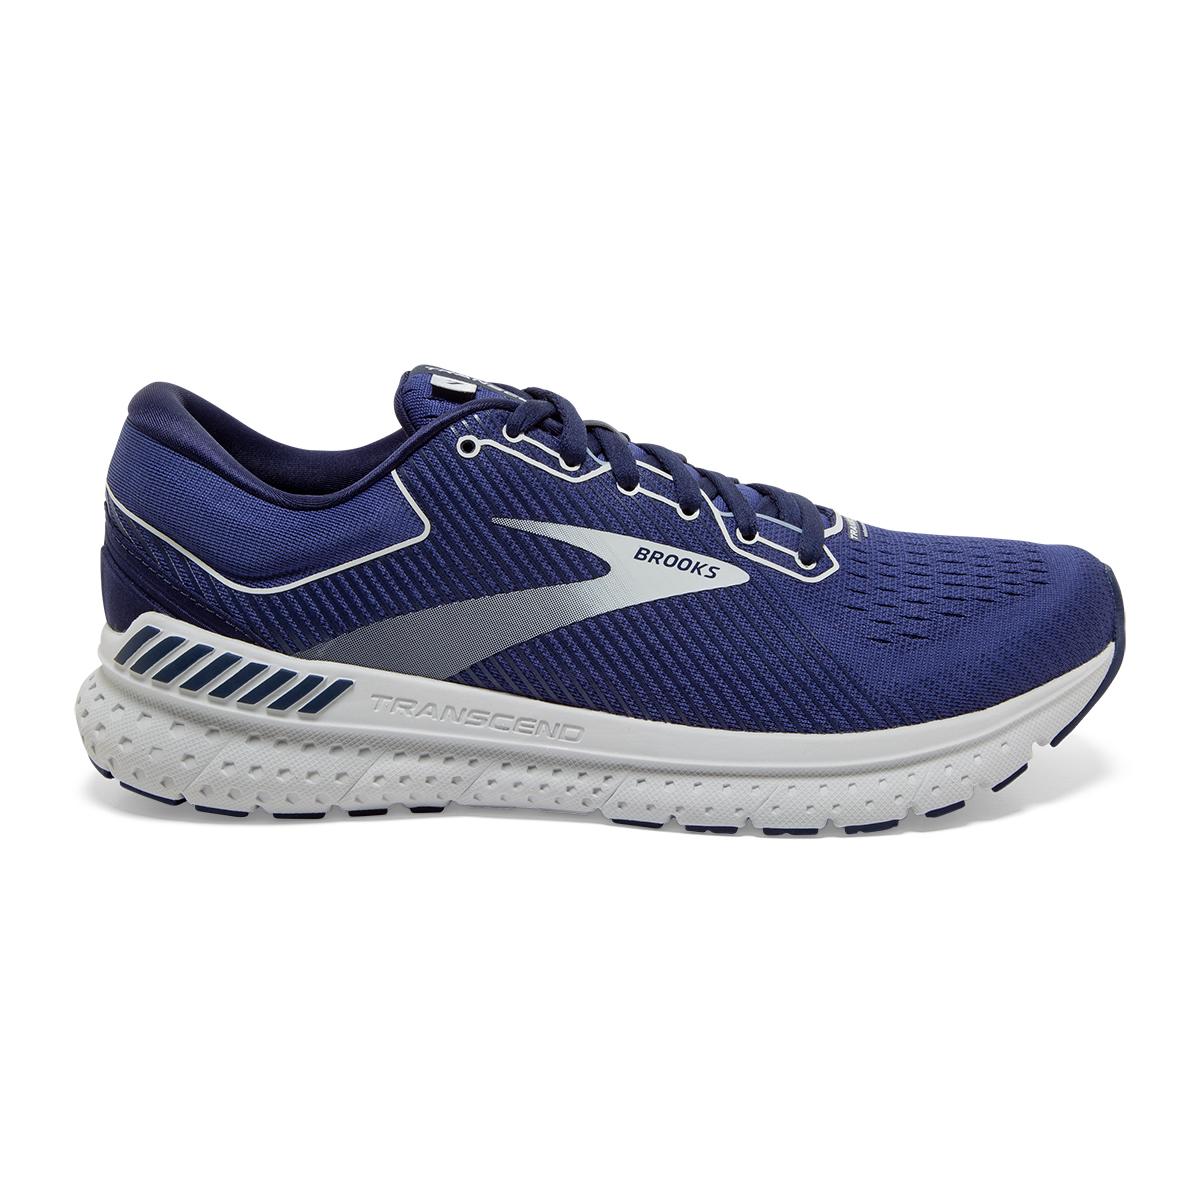 Men's Brooks Transcend 7 Running Shoe - Color: Deep Cobalt/Grey - Size: 7 - Width: Regular, Deep Cobalt/Grey, large, image 1